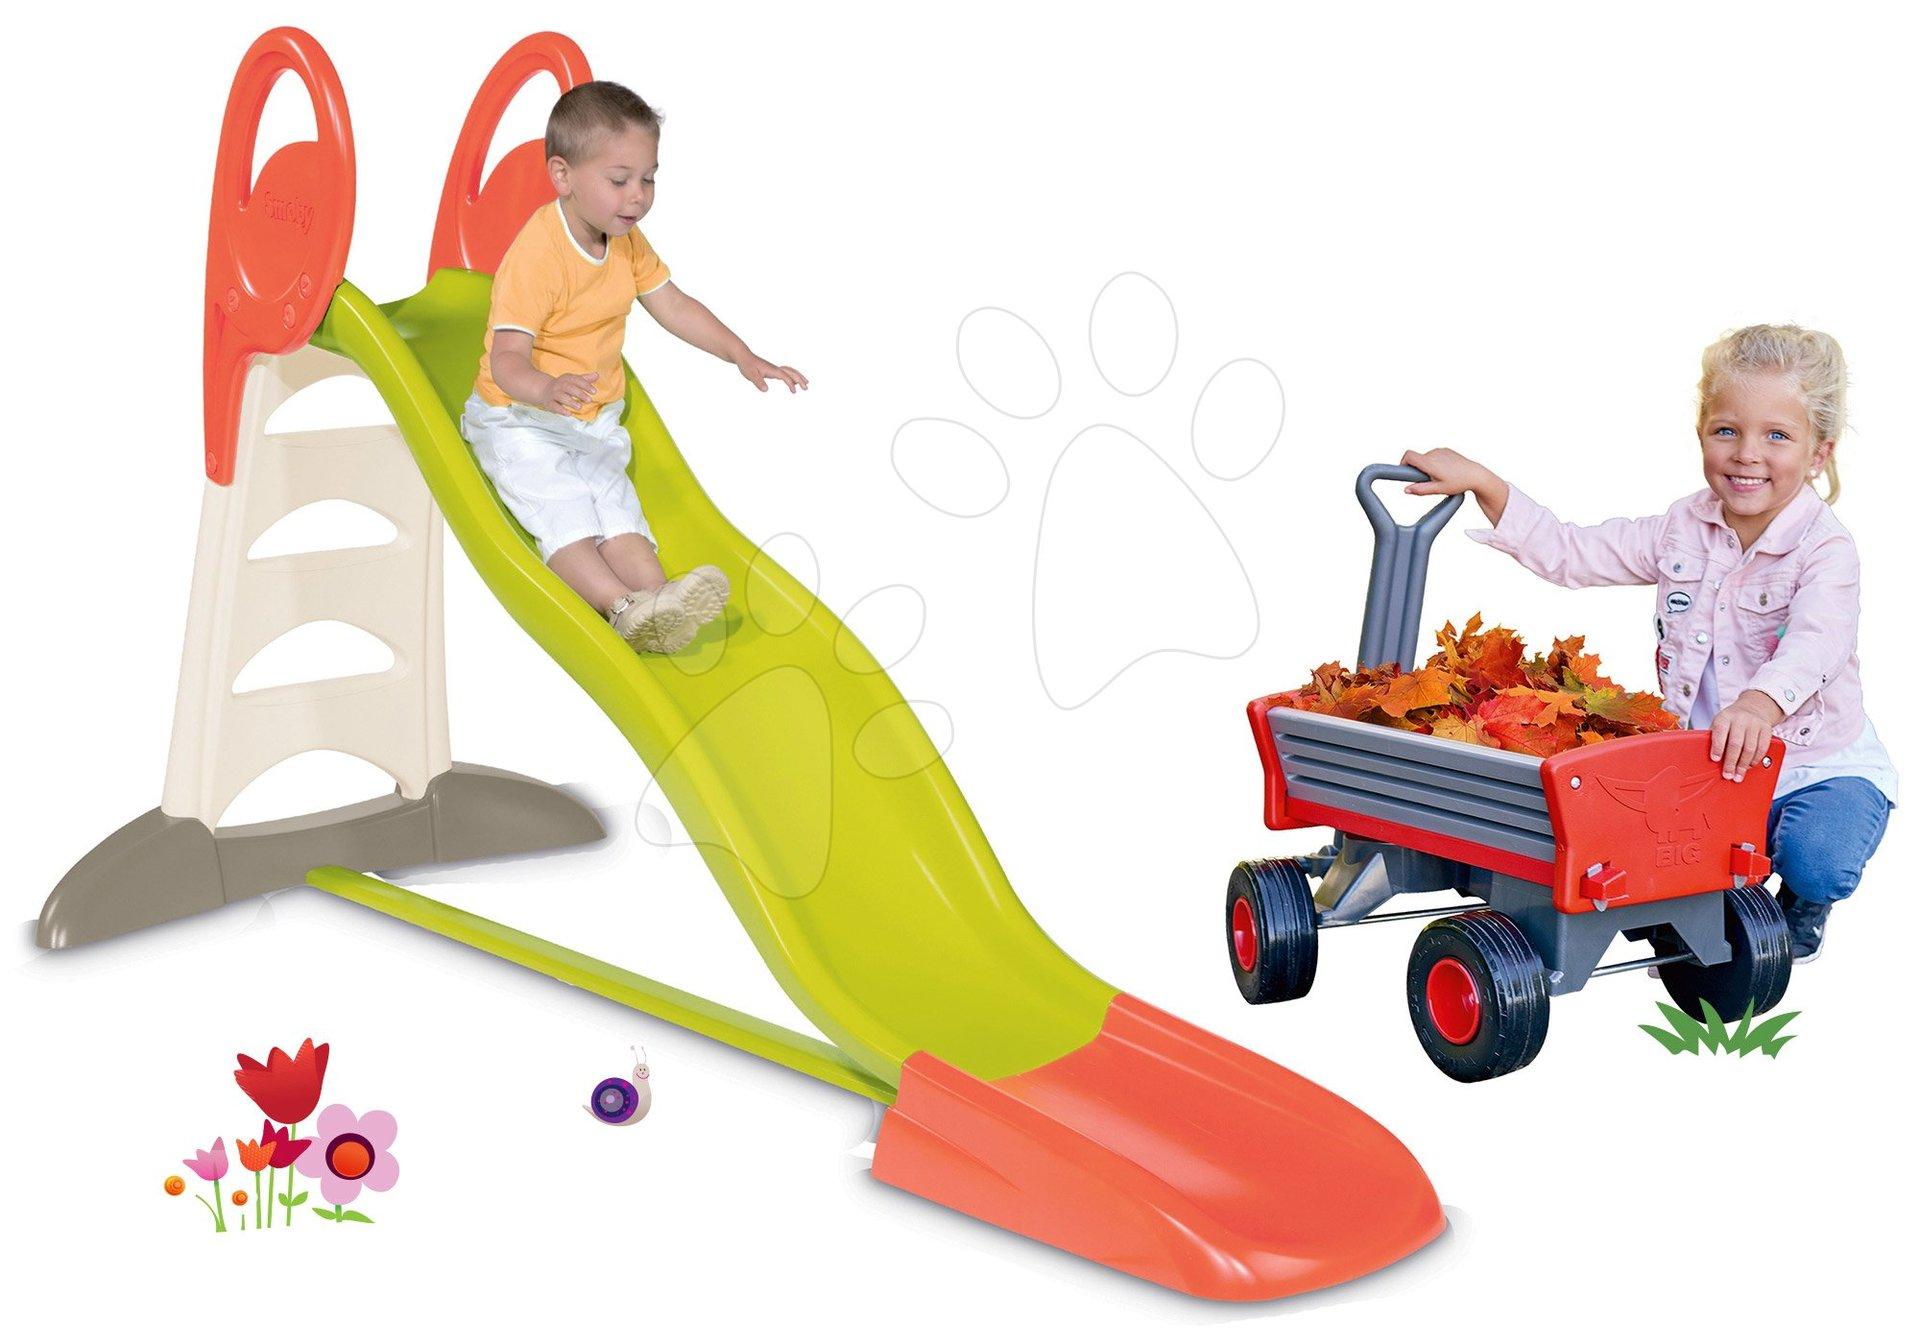 Šmykľavky sety - Set šmykľavka Toboggan XL Smoby s vodou dĺžka 230 cm a záhradný vozík Peppy s otočnými kolesami